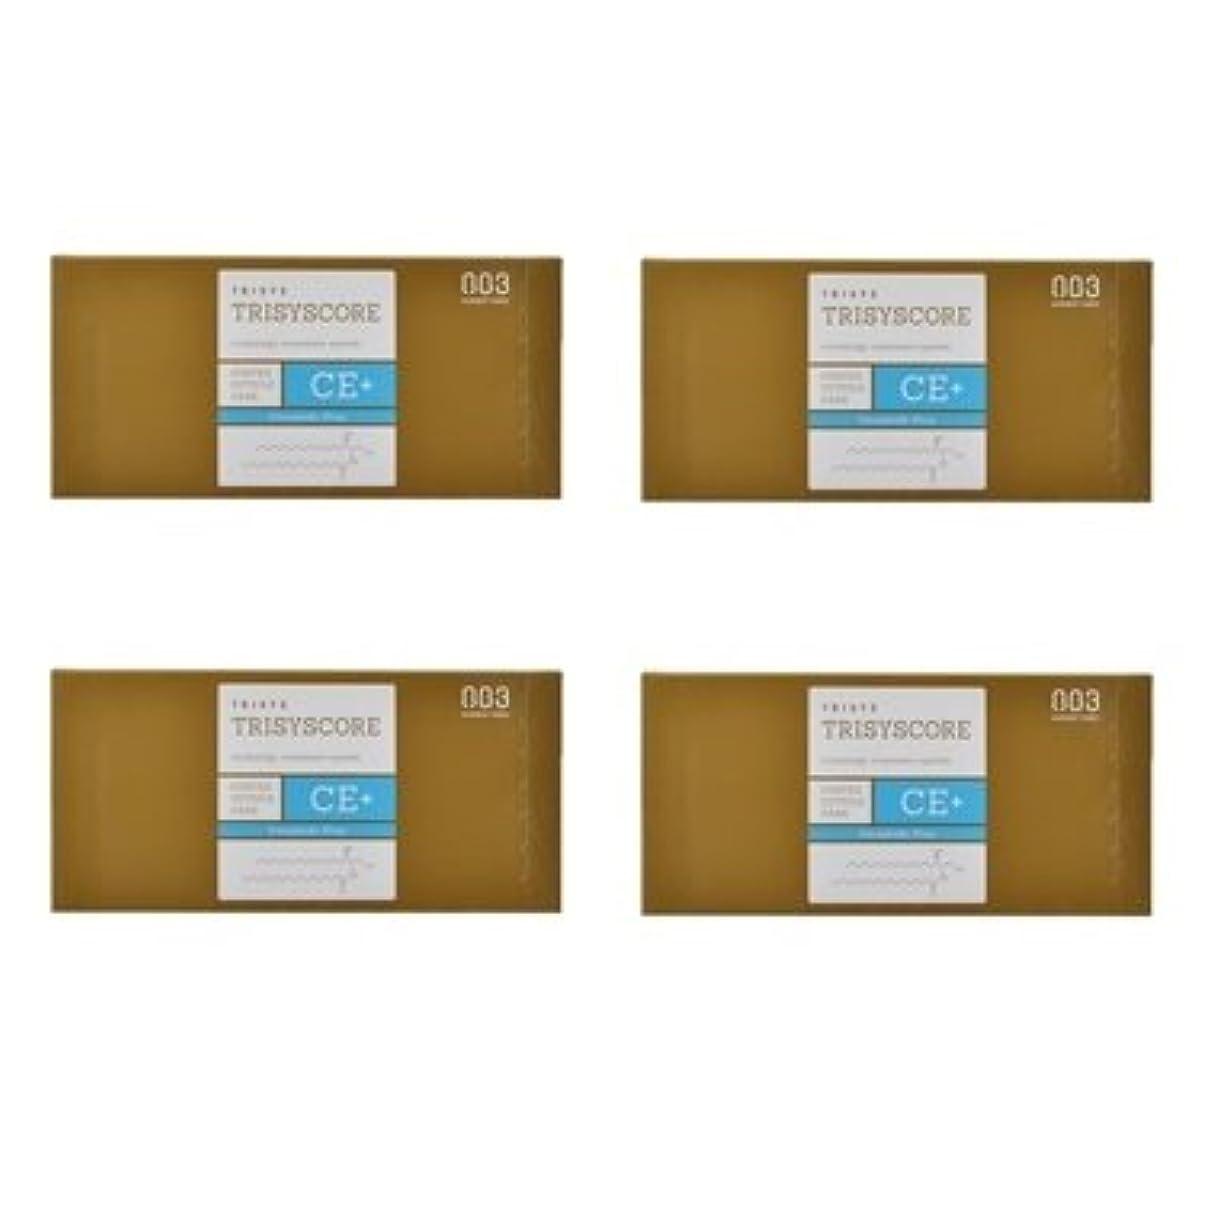 日付付き公寸前【X4個セット】ナンバースリー トリシスコア CEプラス (ヘアトリートメント) 12g × 4包入り